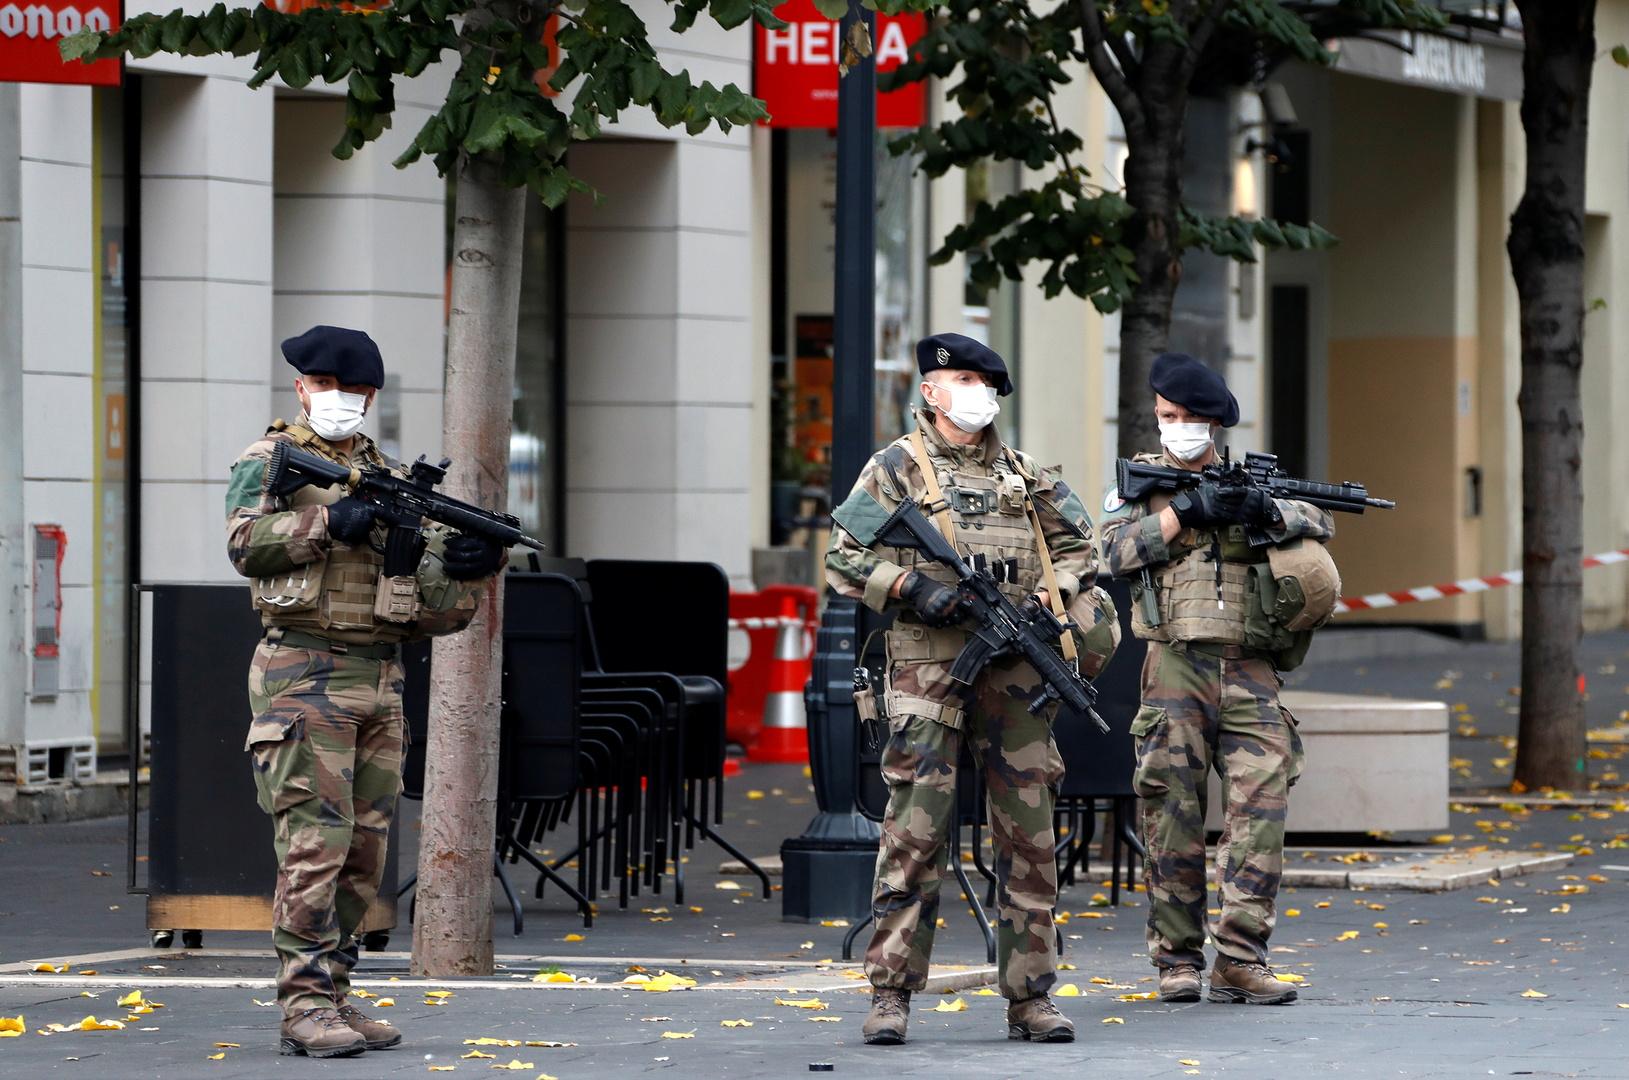 وسائل إعلام فرنسية: إحباط عملية طعن في ليون